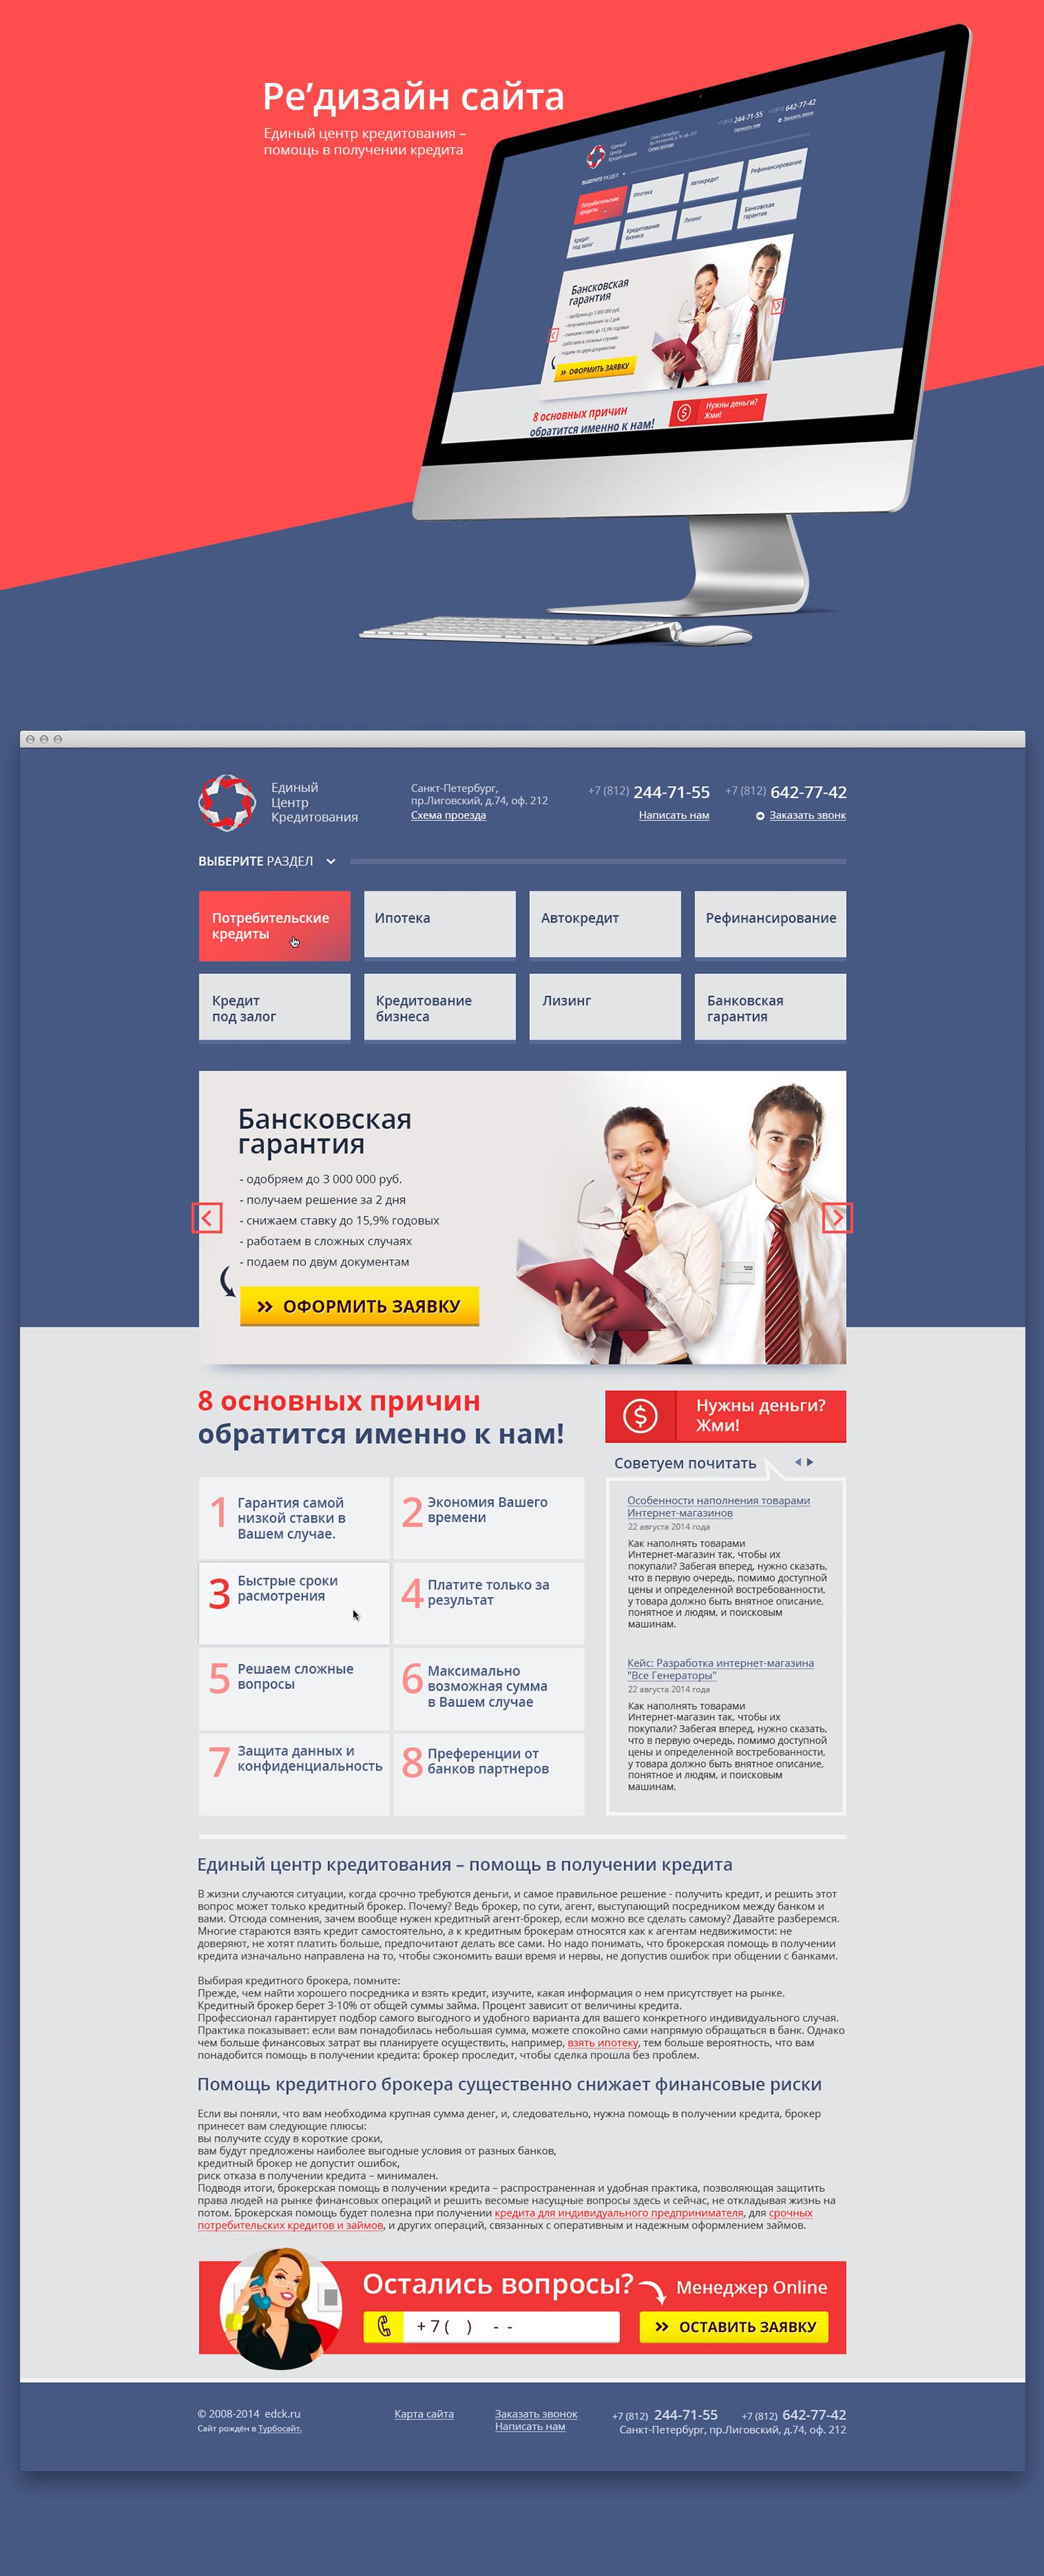 Сайт под ключ - кредитные системы